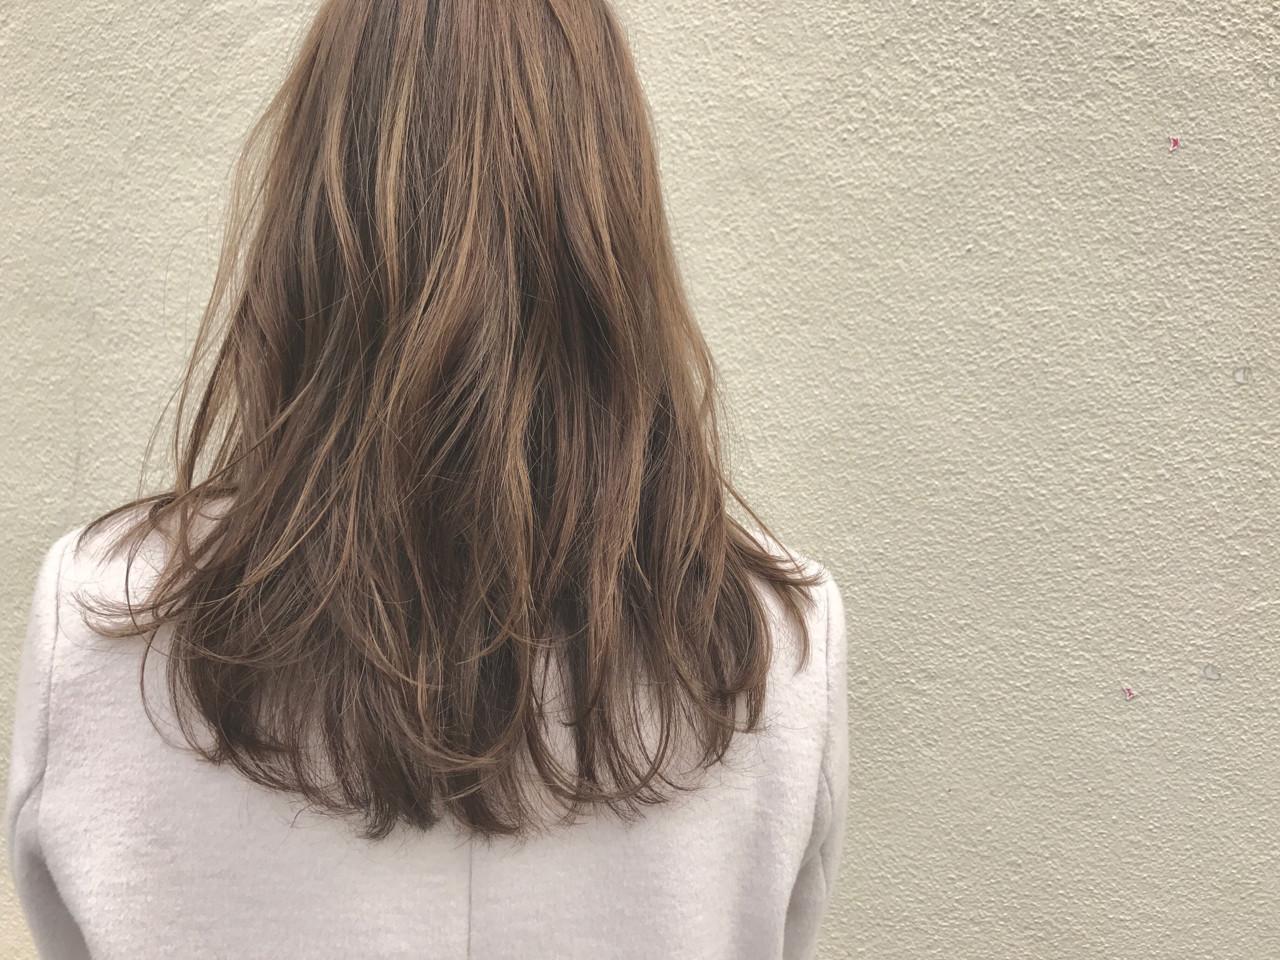 セミロング ハイライト 透明感 外国人風 ヘアスタイルや髪型の写真・画像